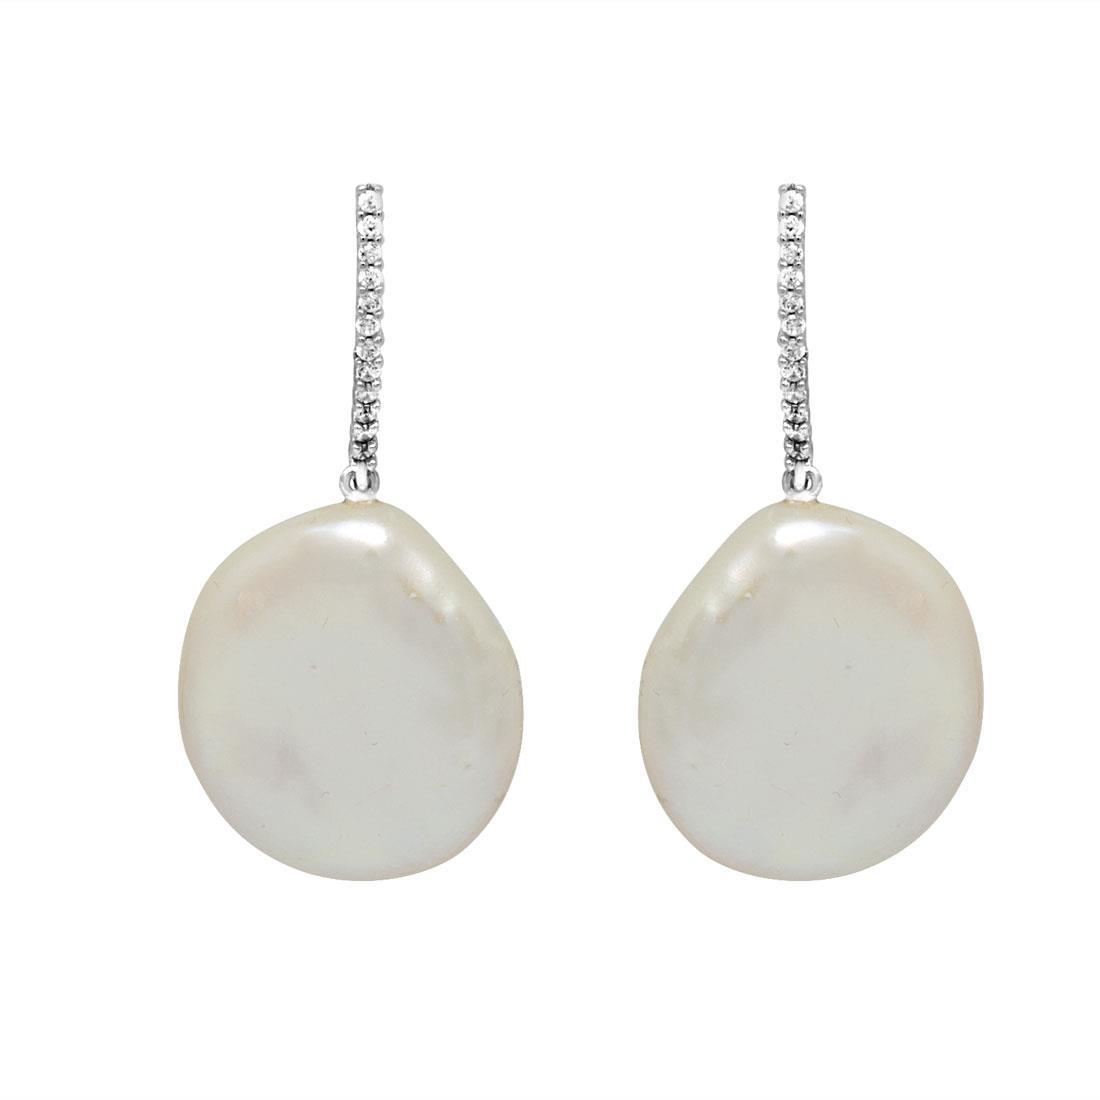 Orecchini con perle - RIVIK